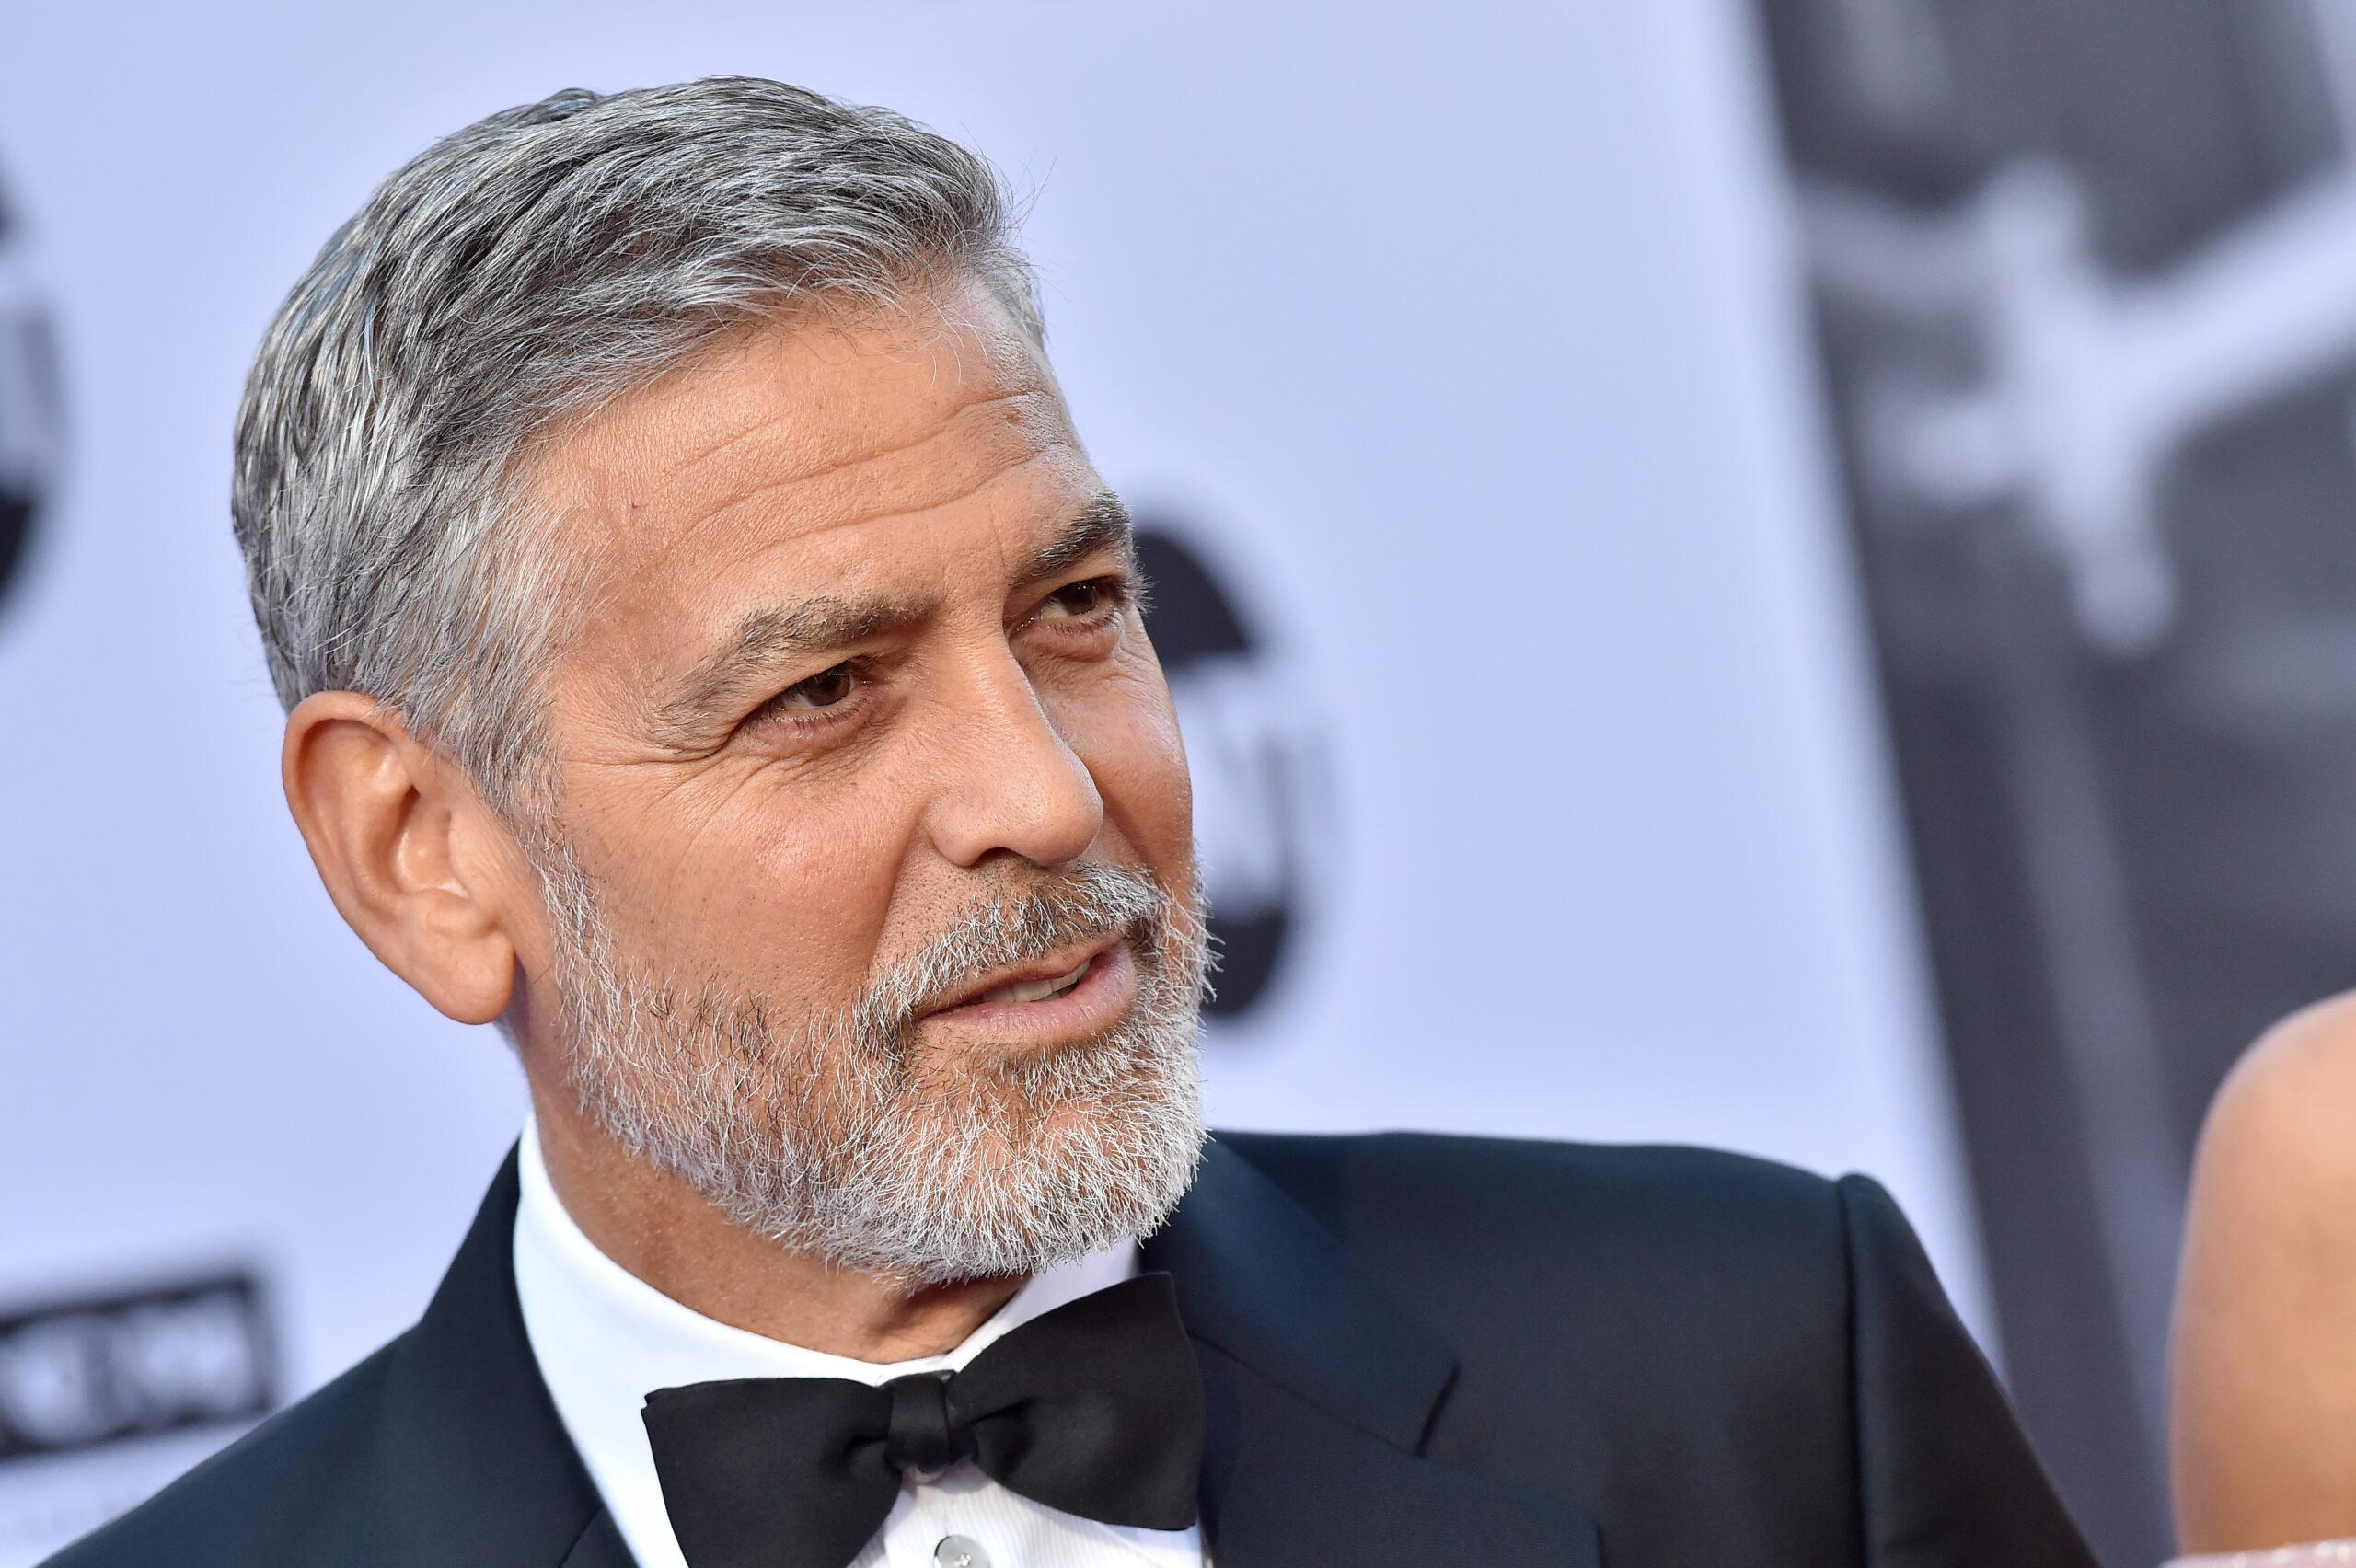 (S)punti di vista. Ci voleva Clooney per chiedere la restituzione dei marmi del Partenone?